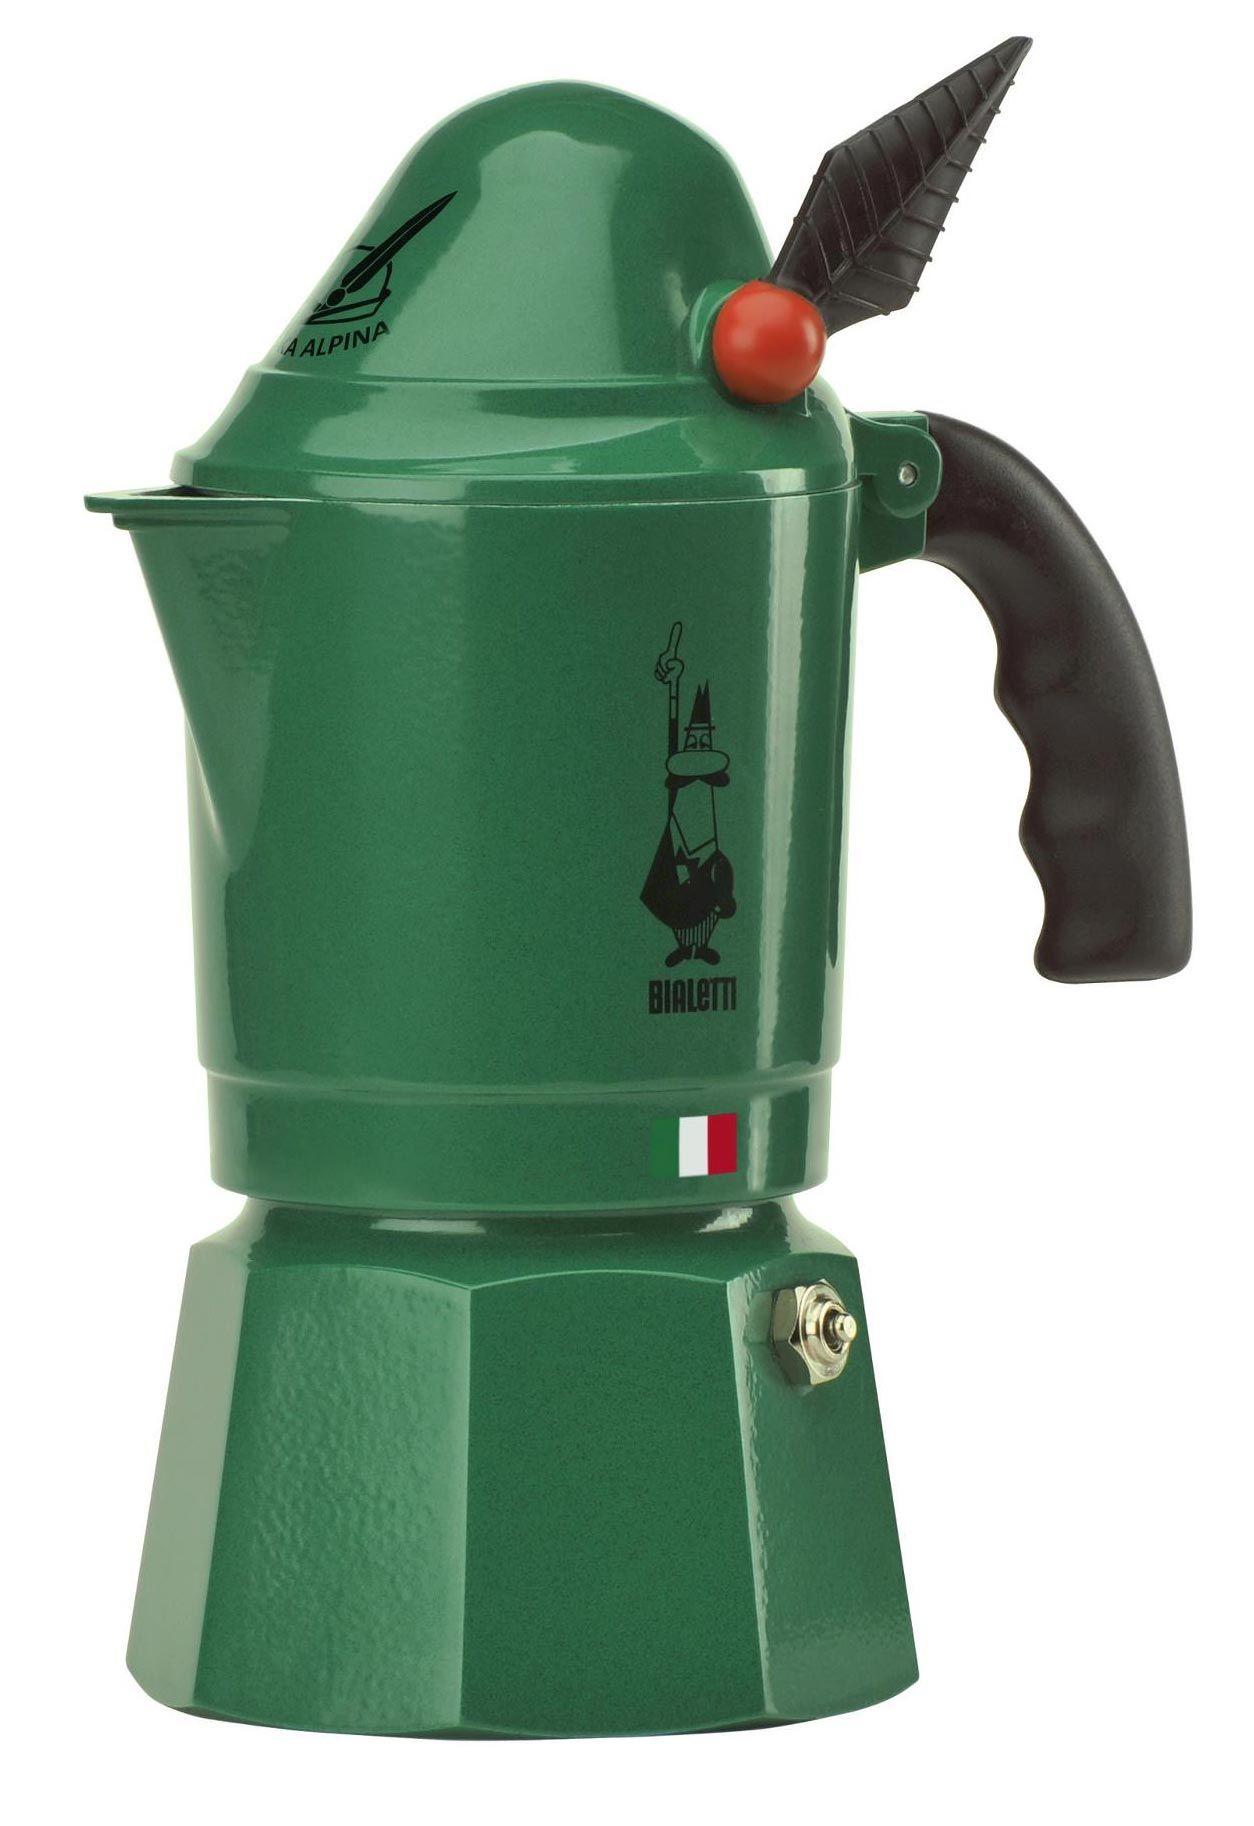 how to use a moka coffee maker